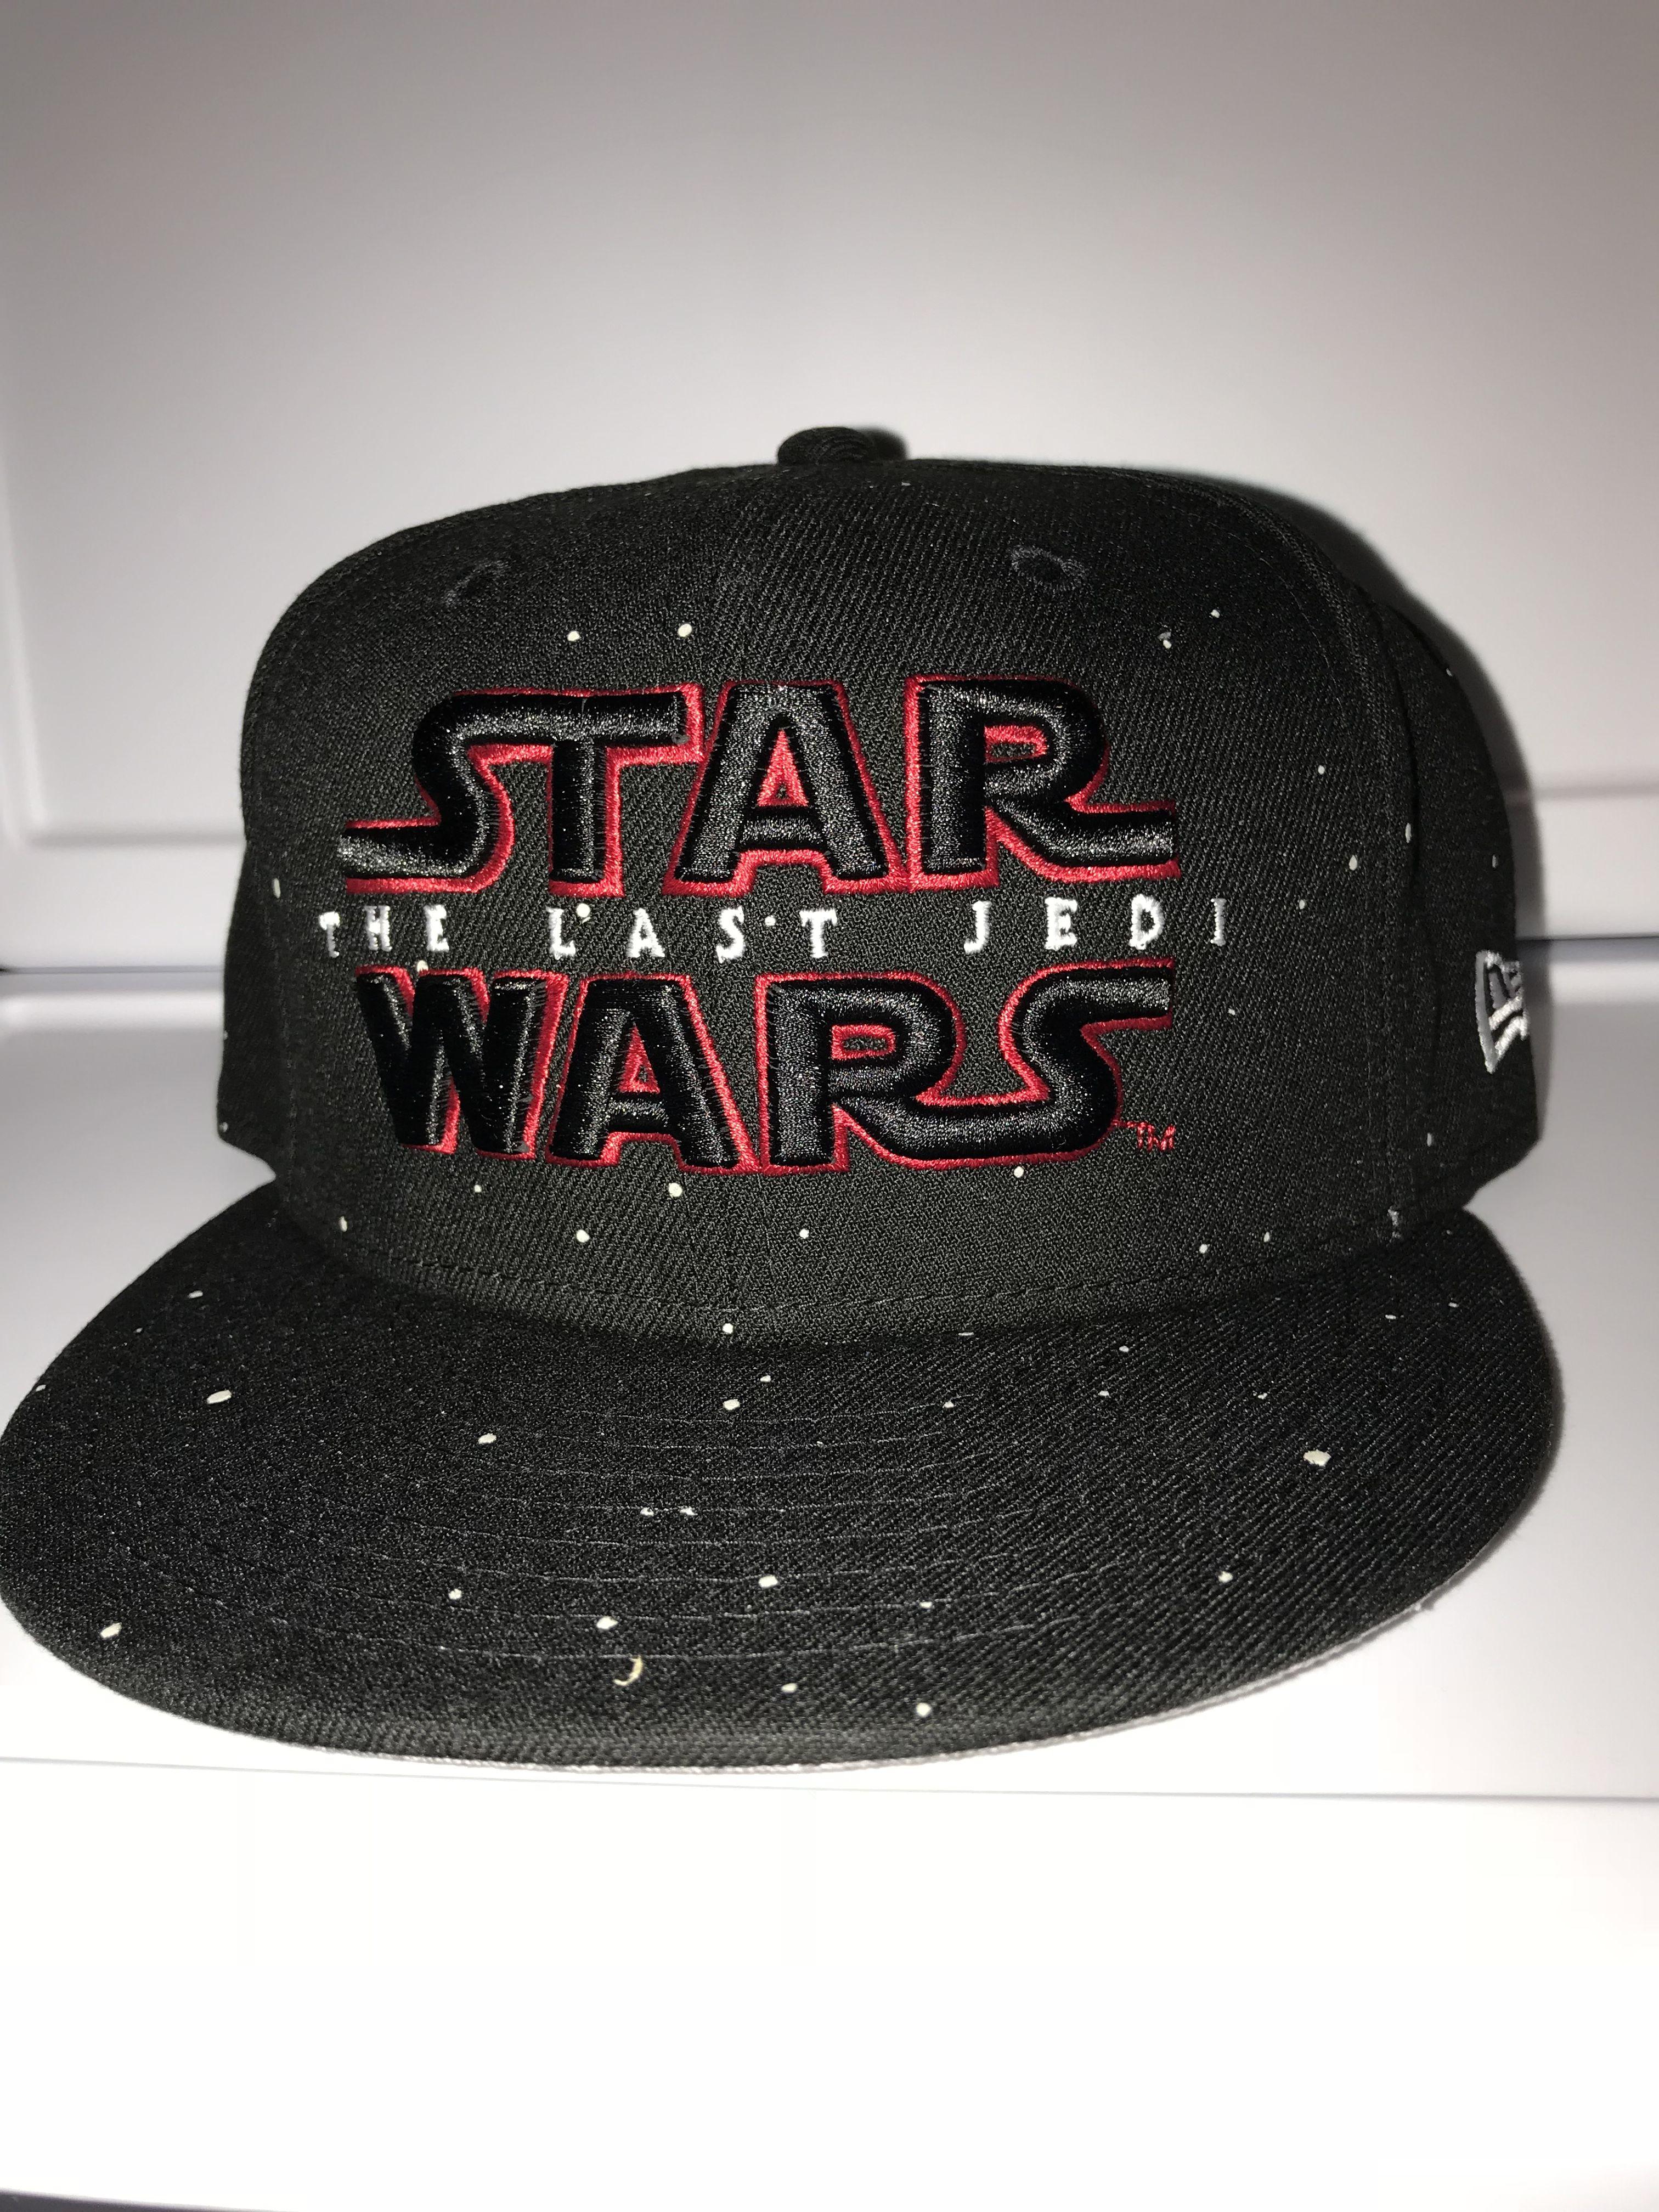 c7129055 New Era Star Wars the last Jedi glow-in-the-dark star field 9FIFTY snapback